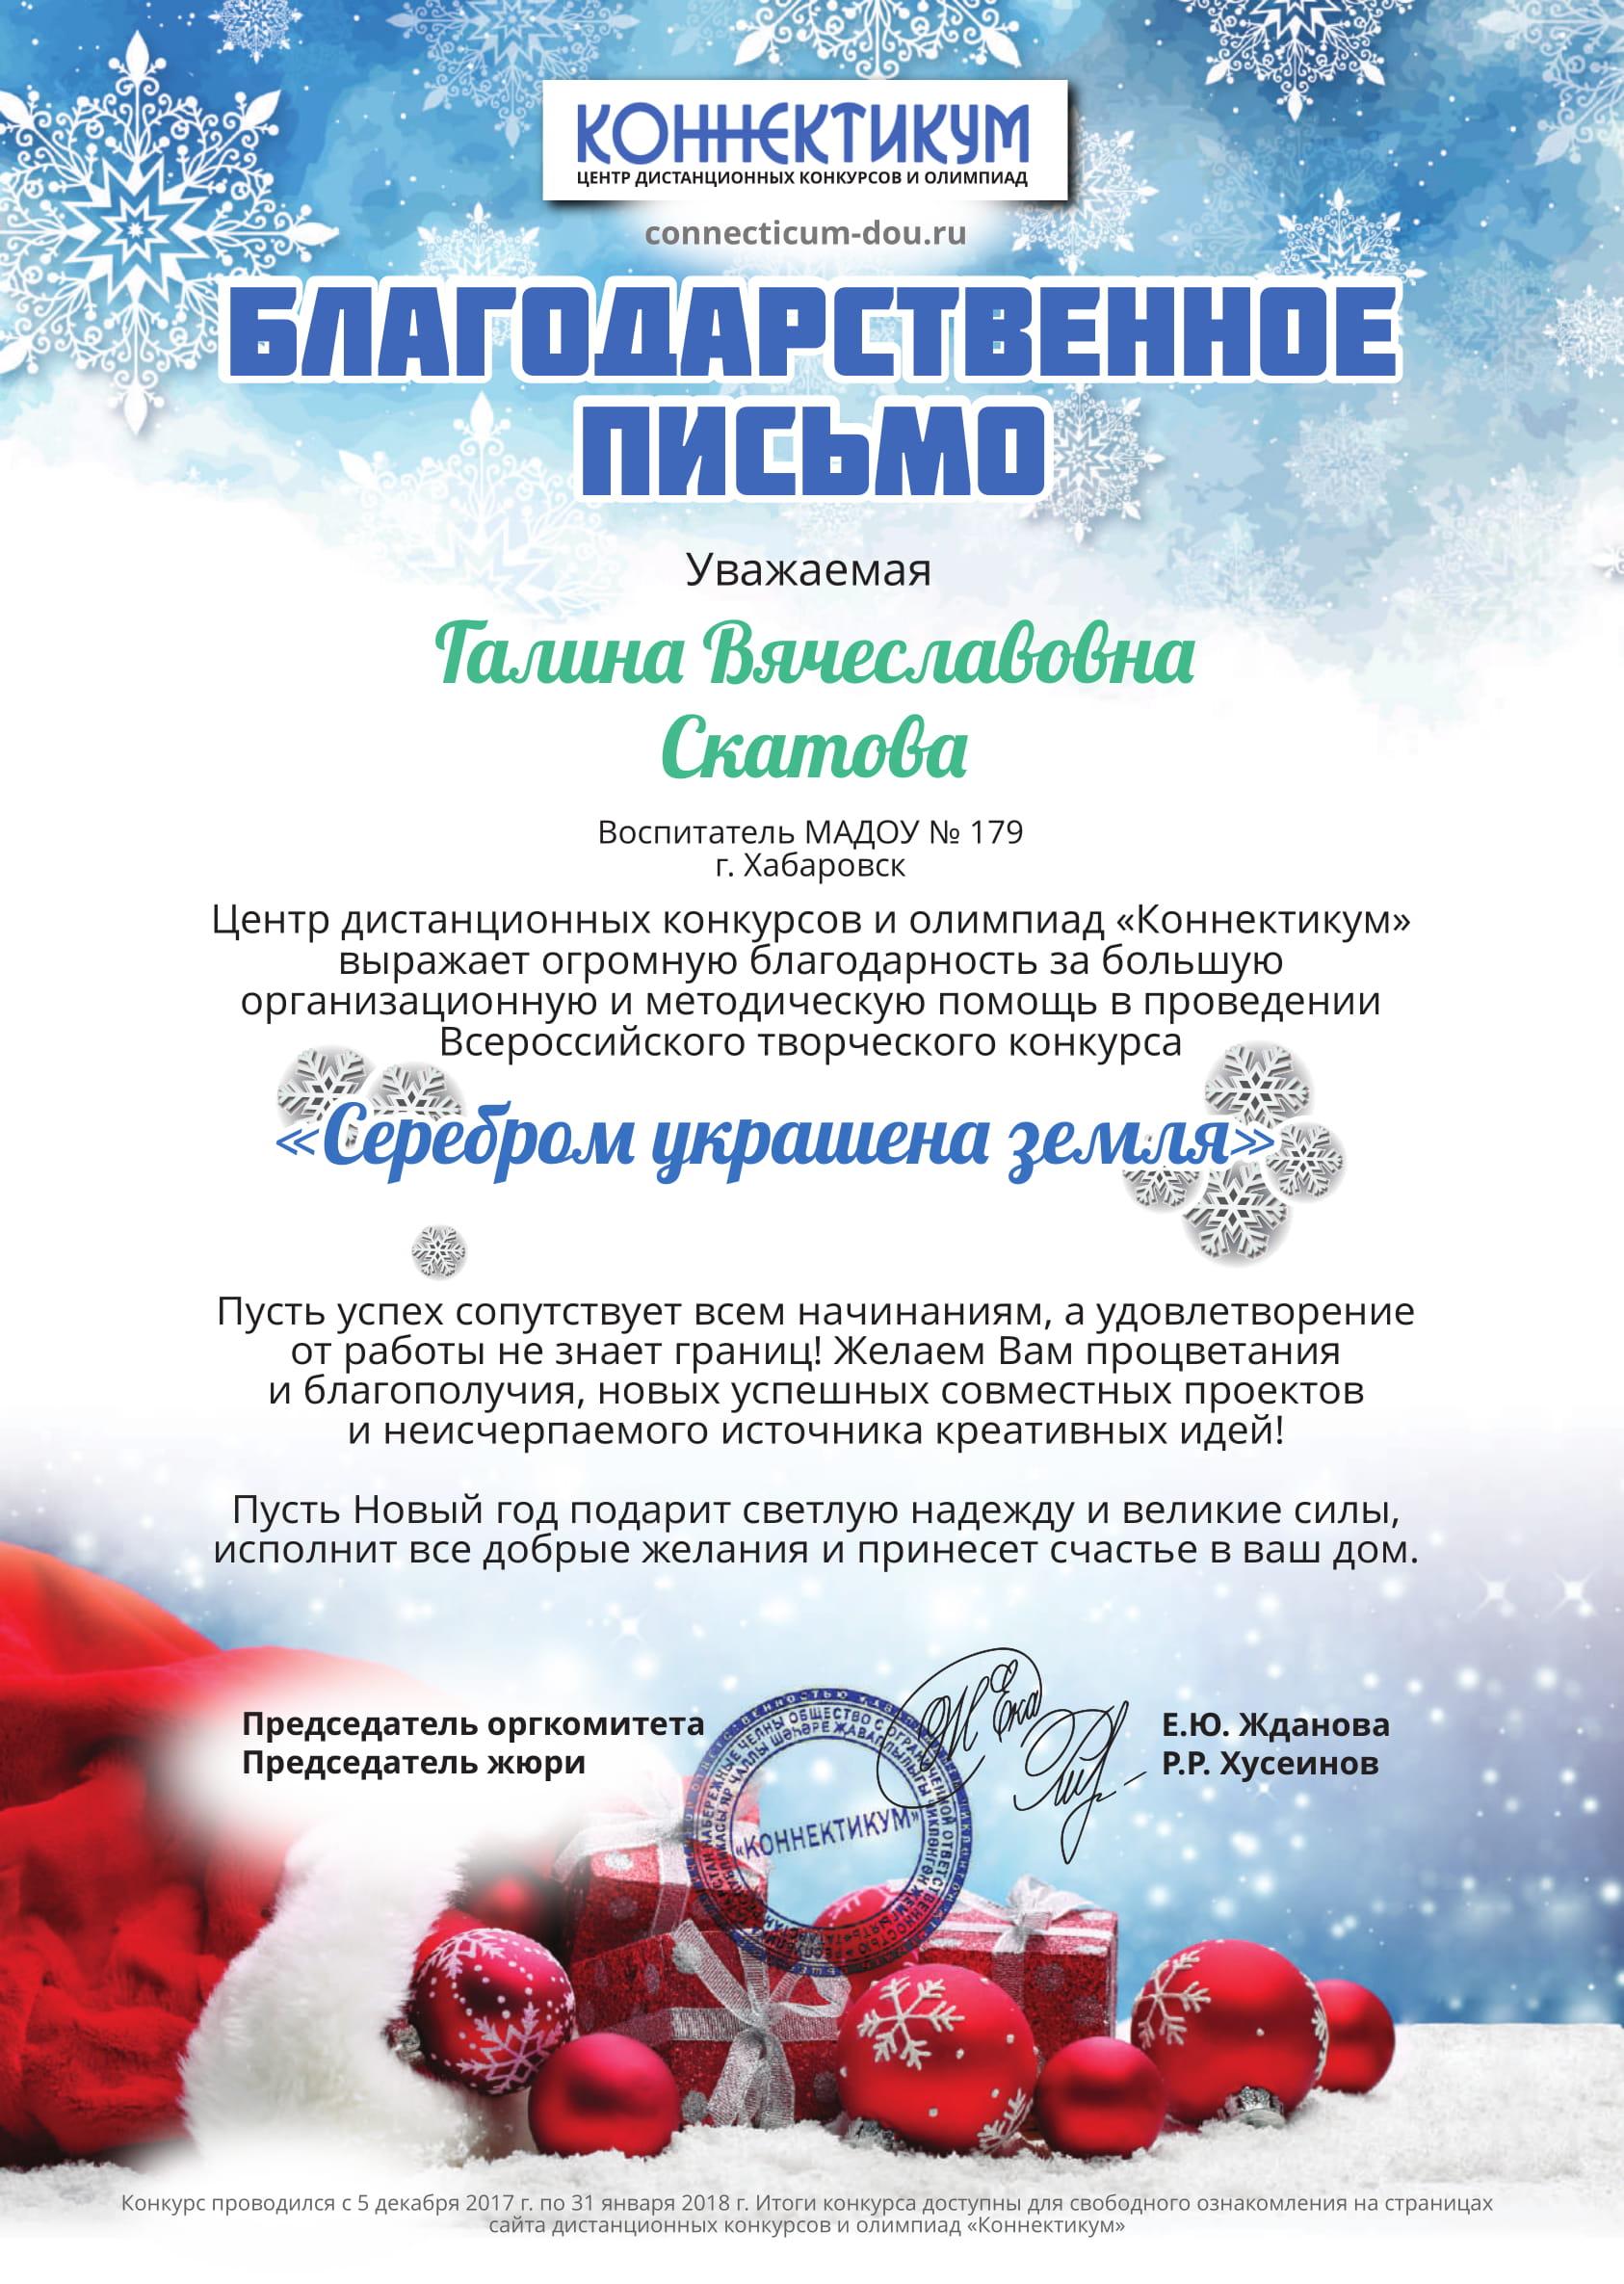 Благодарственное письмо Скатова